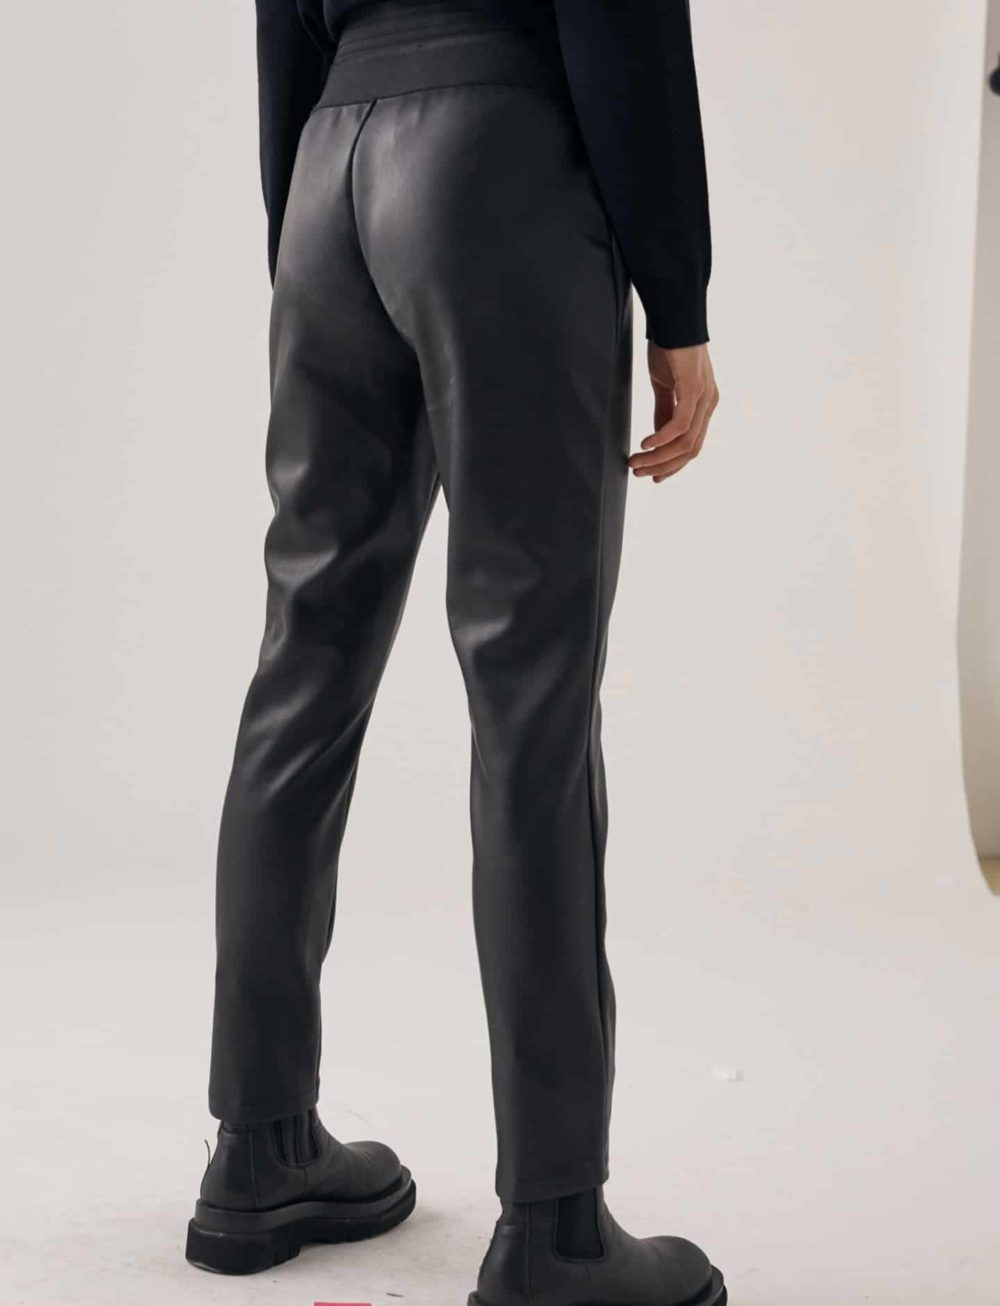 legging-efecto-piel-negro-trasera